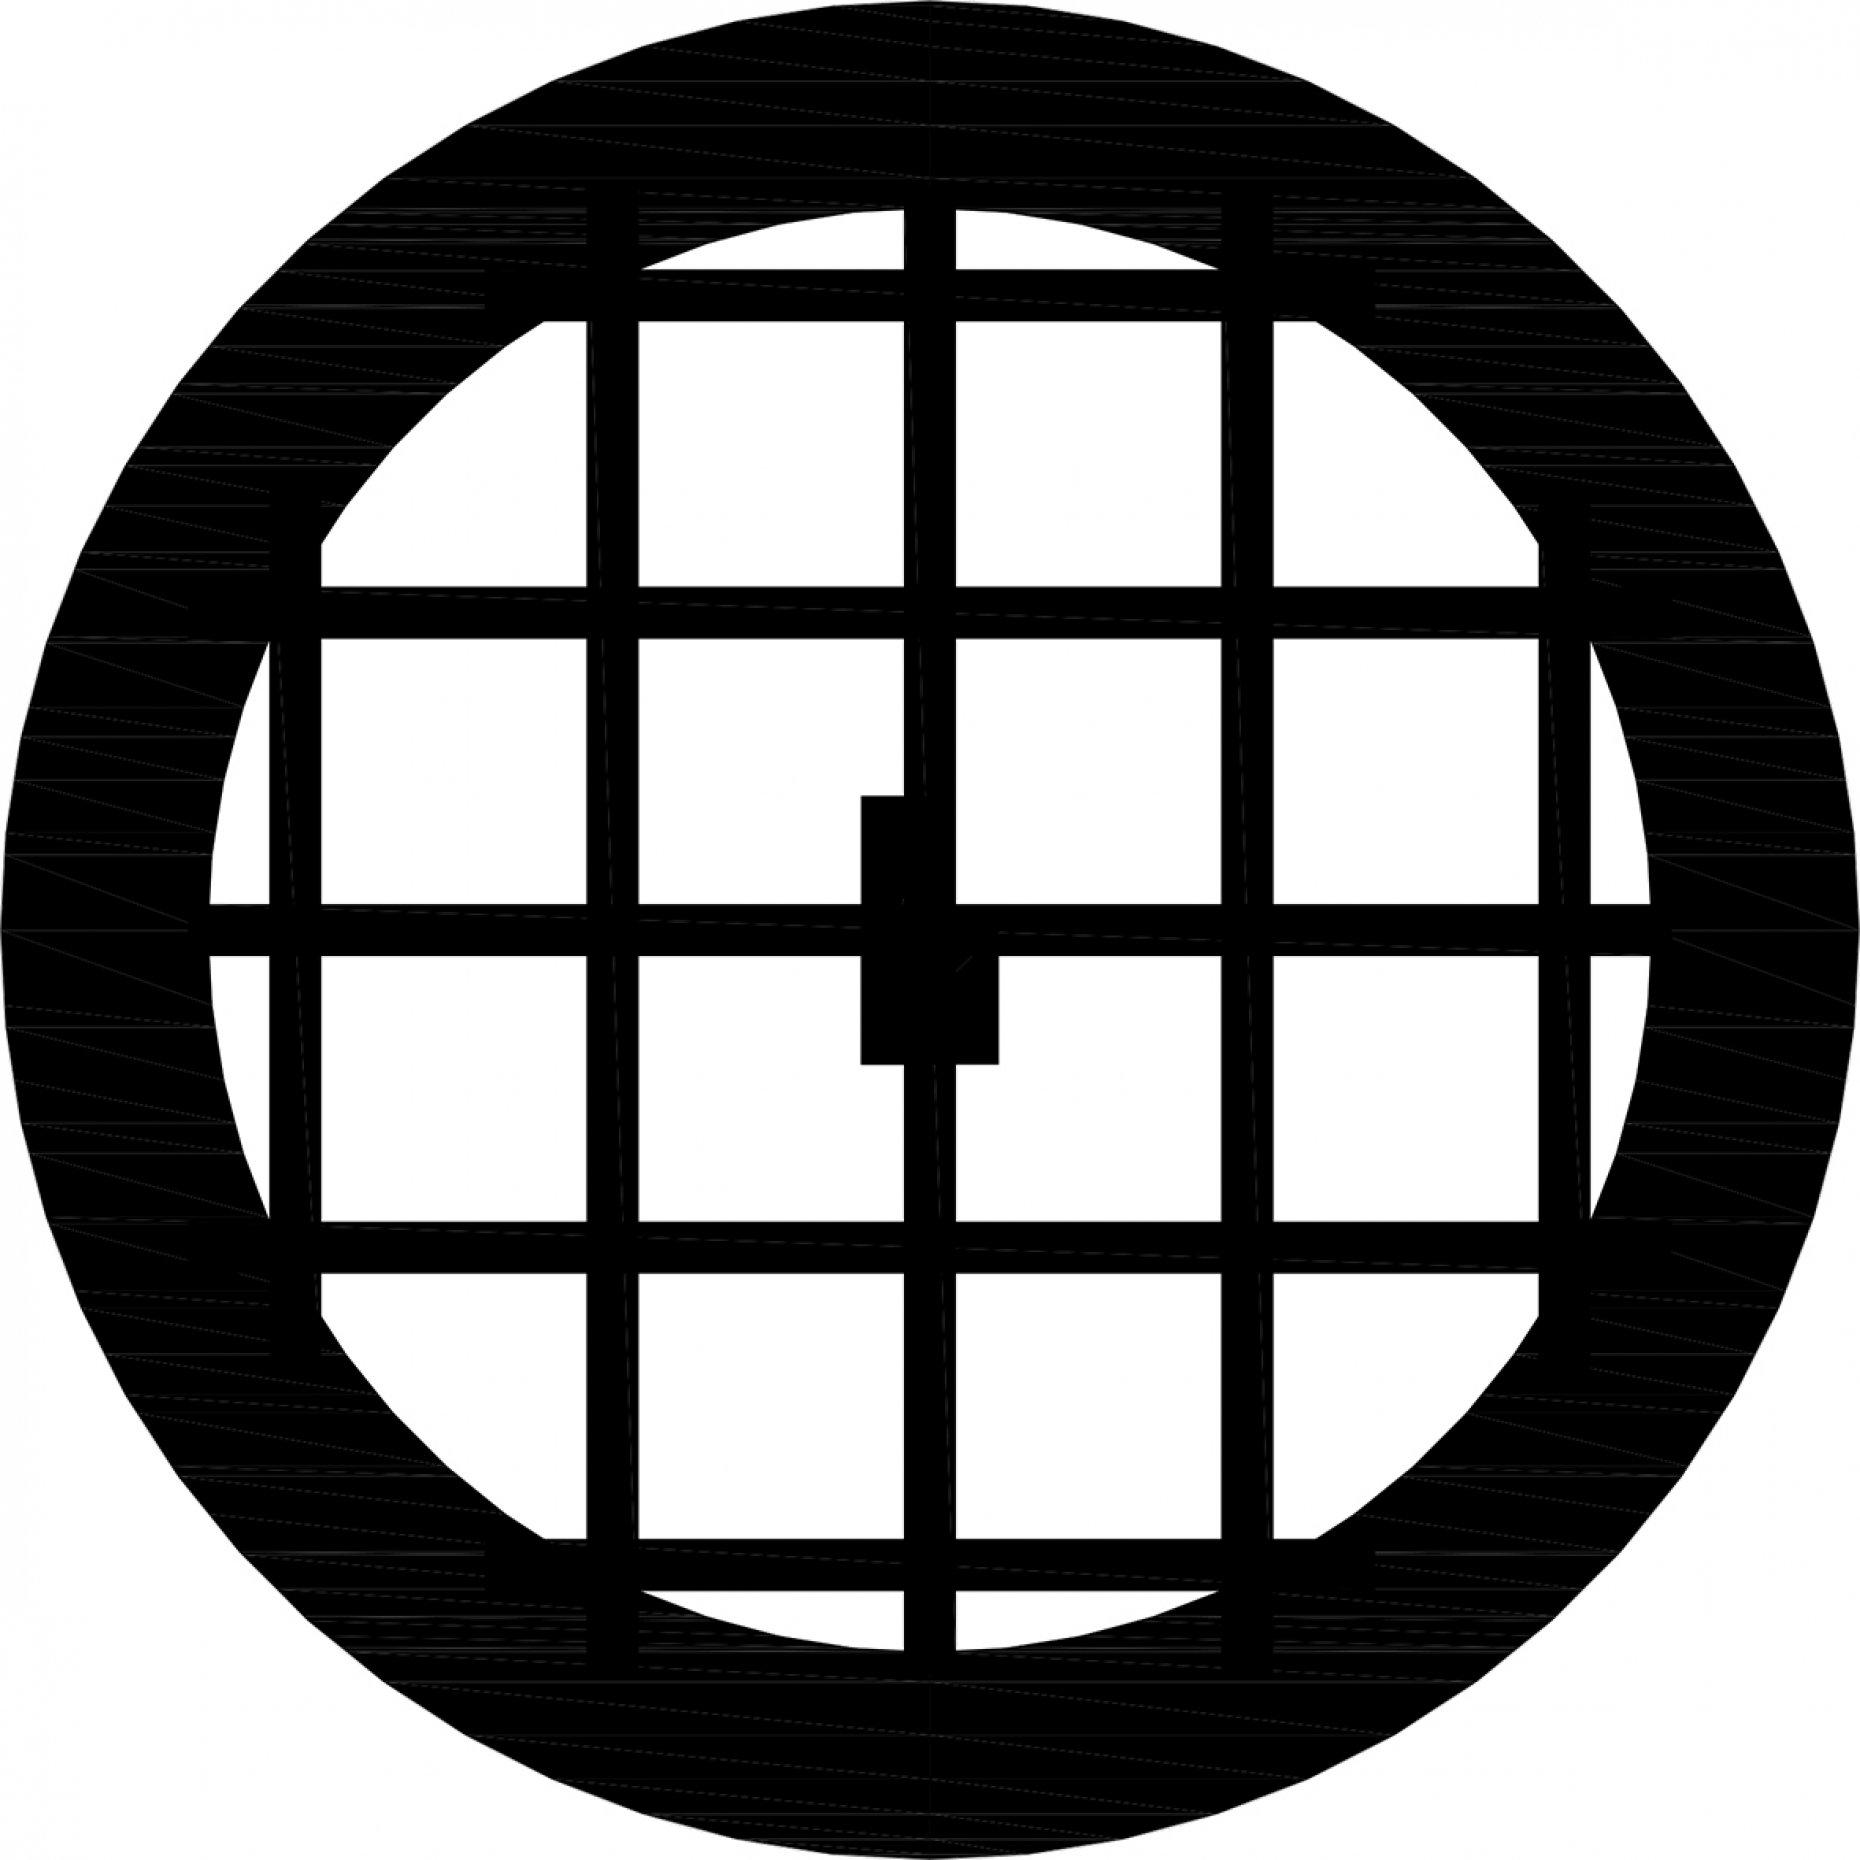 50 Mesh Grid